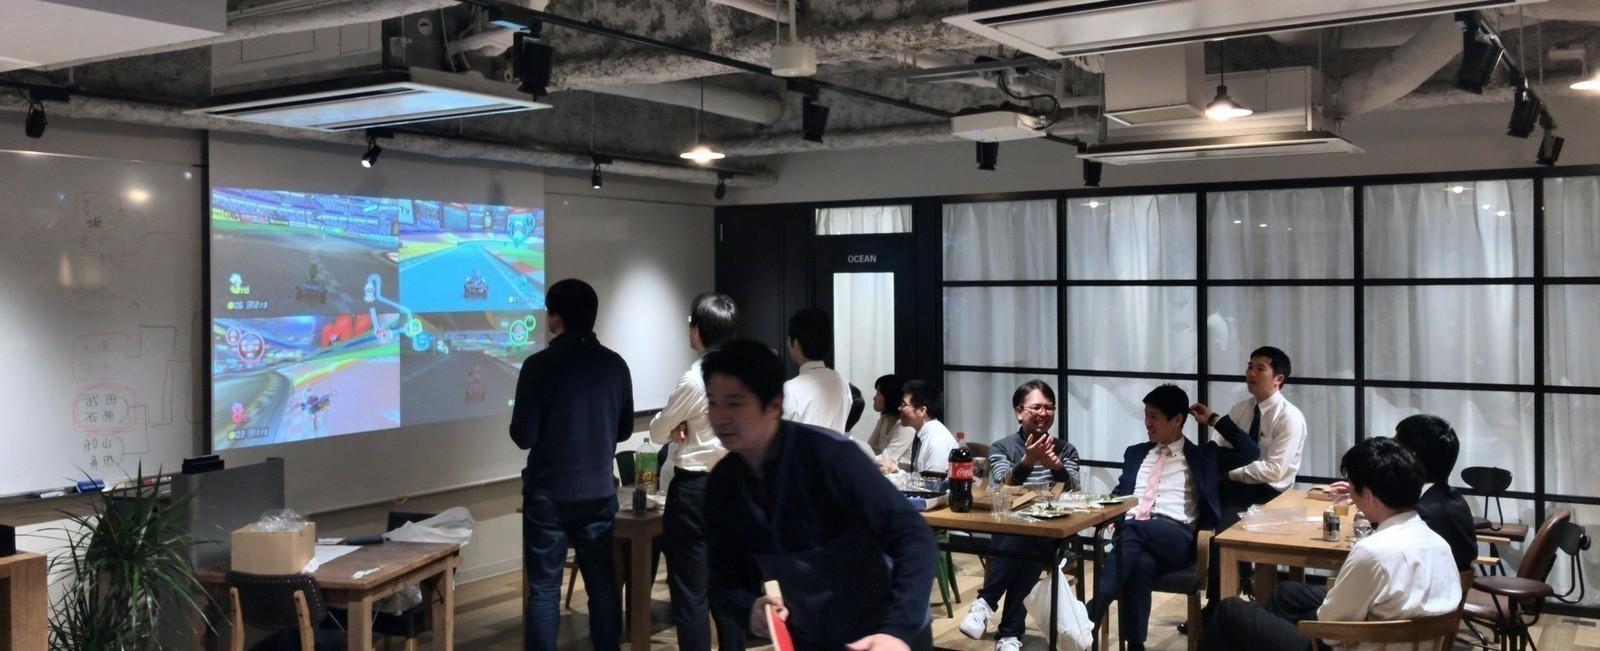 【リモートワーク/副業可】日本の金融UXを変革するiOSアプリエンジニア募集